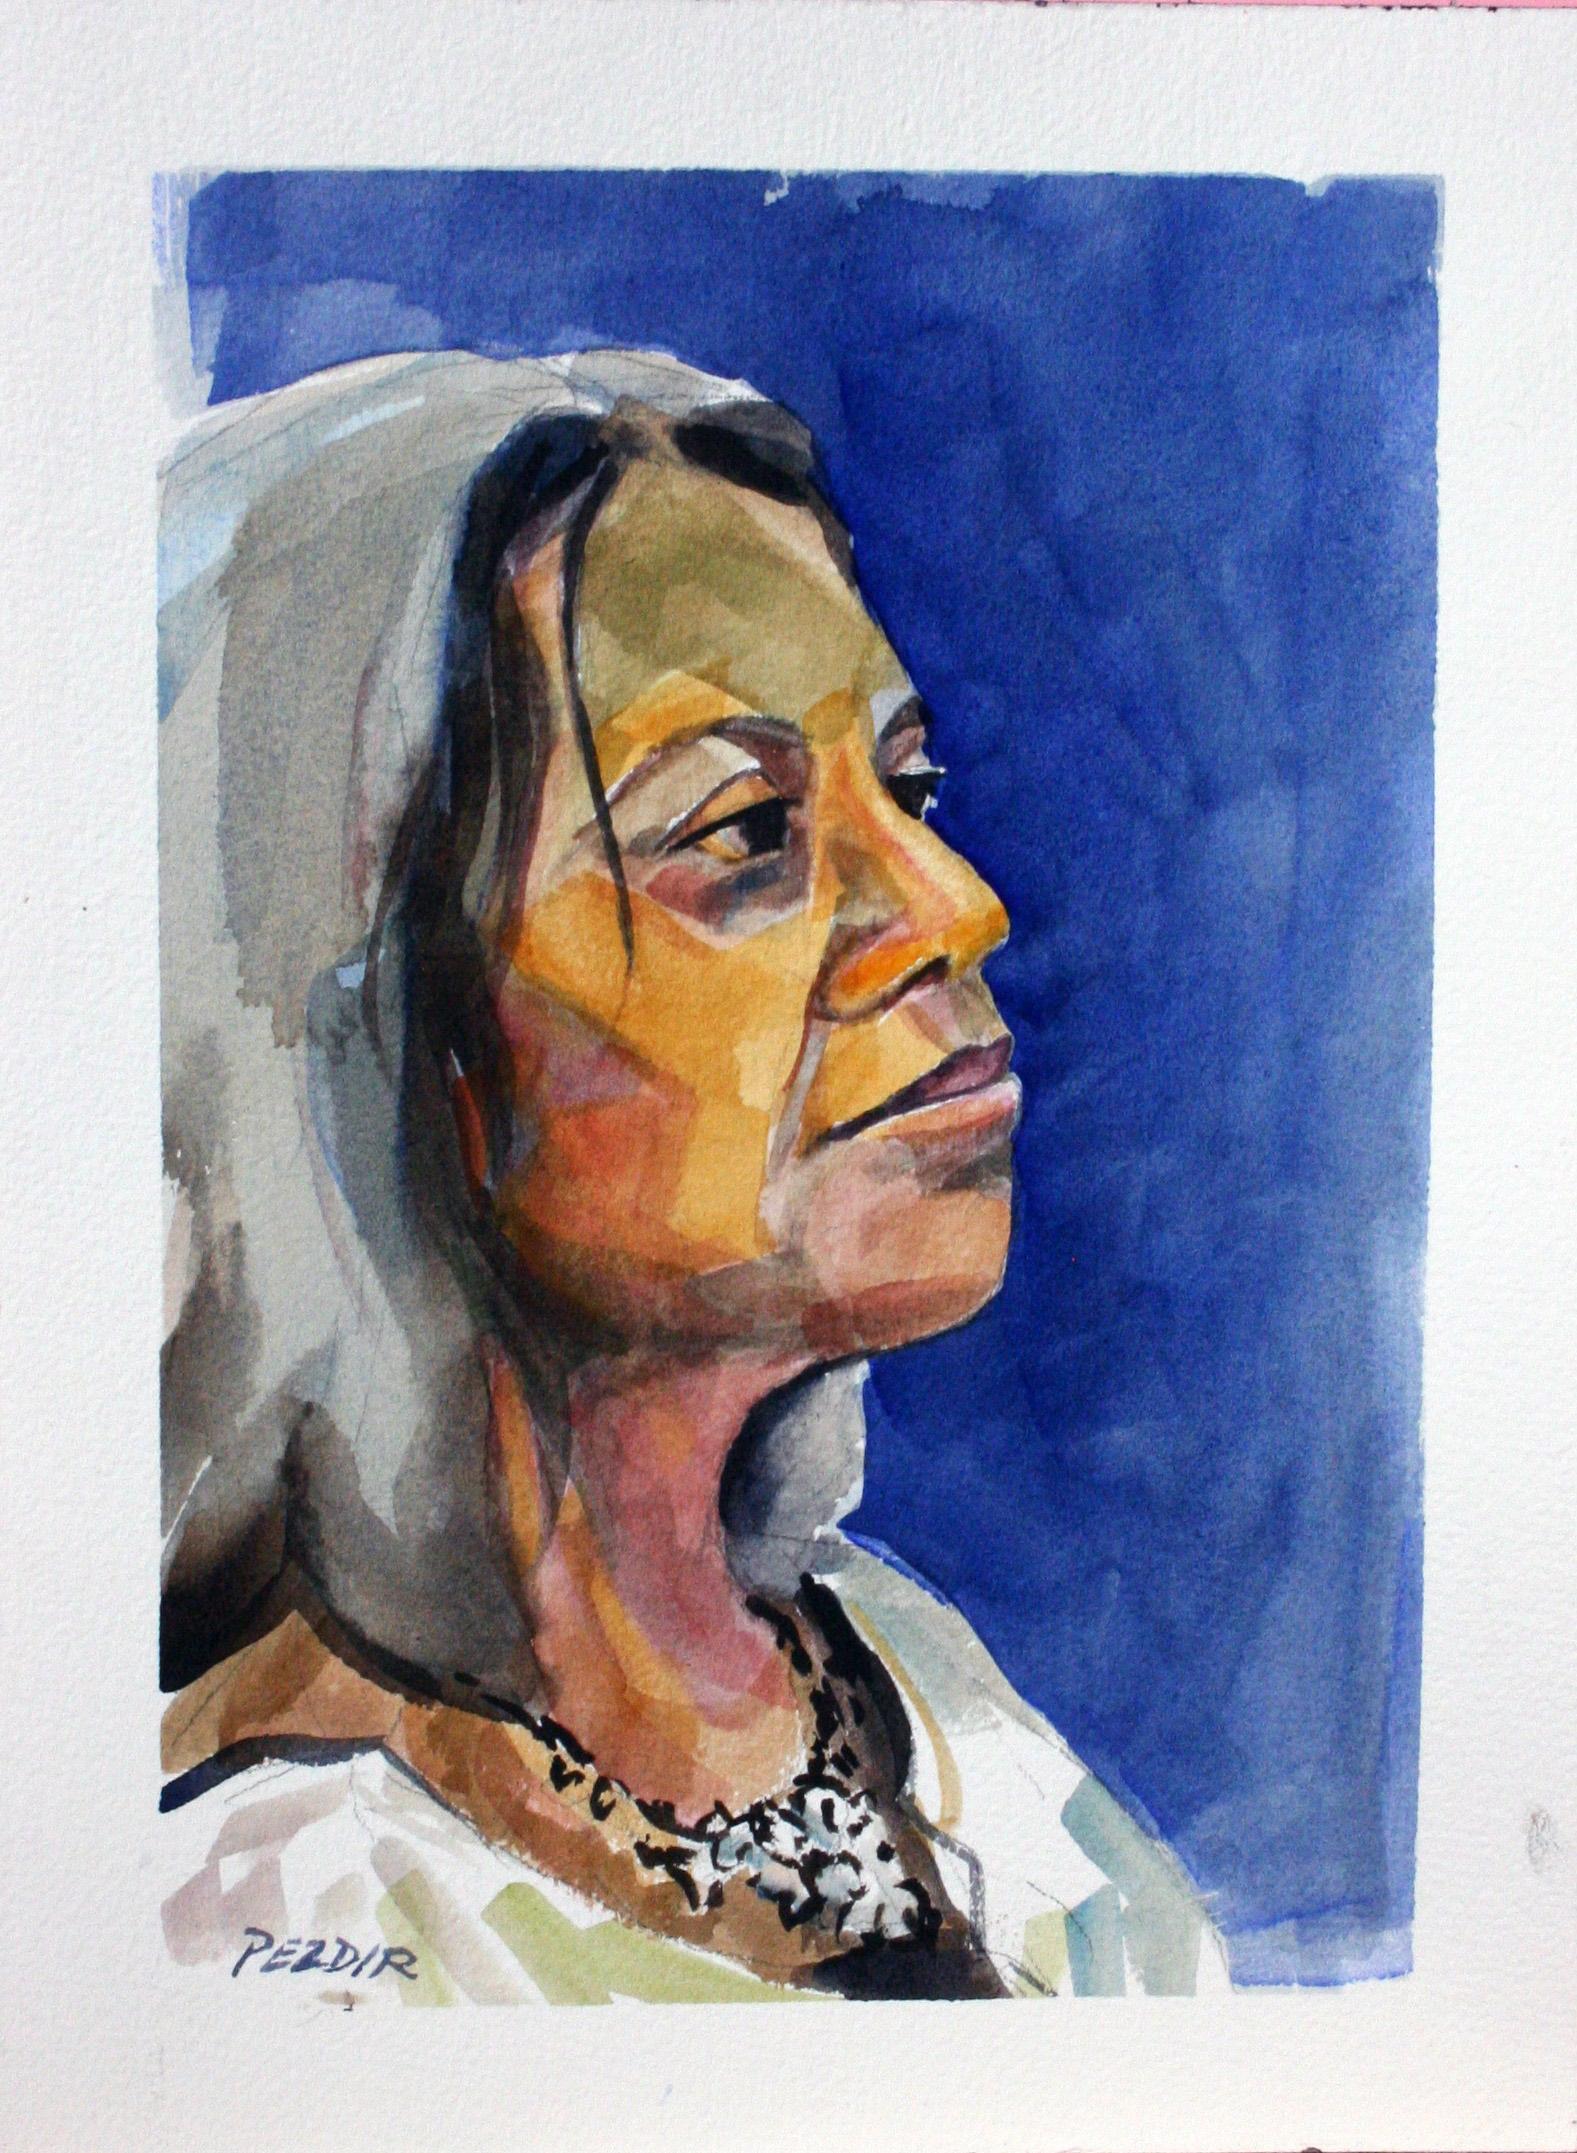 Judy Pezdir - watercolor